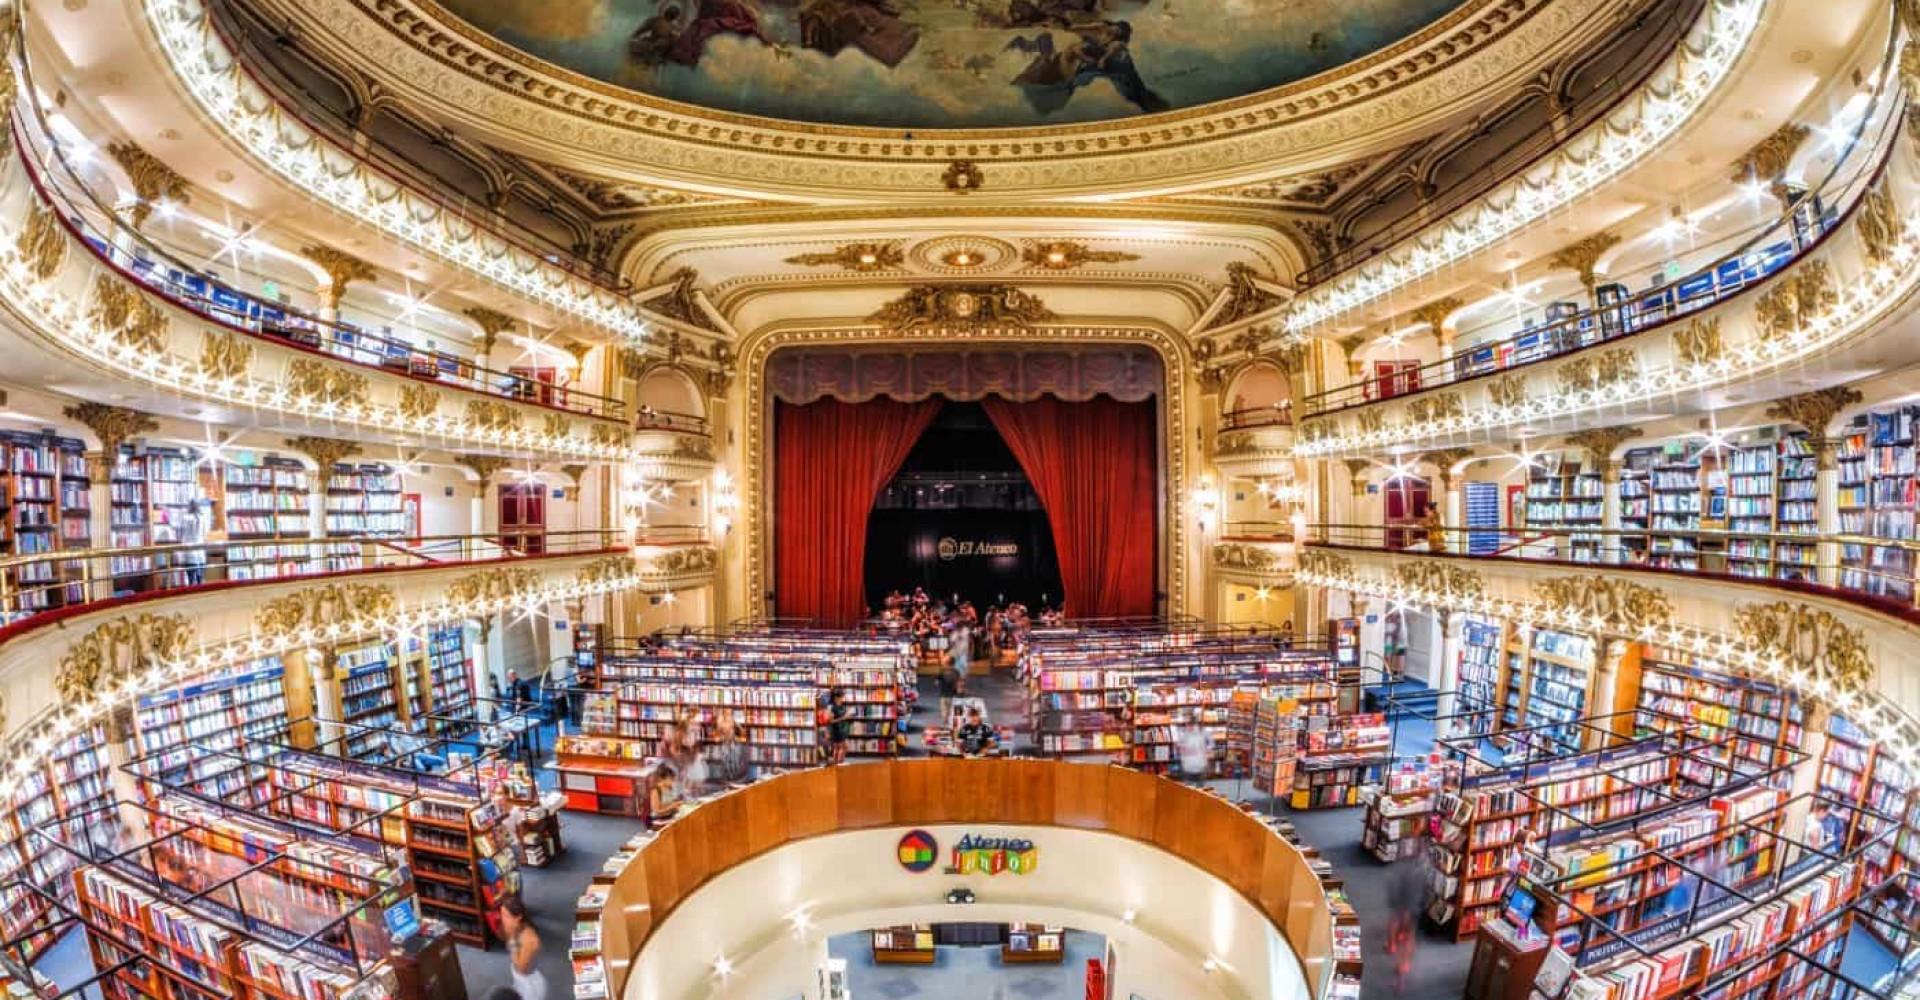 Aunque no te guste leer, ¡alucinarás con estas bibliotecas!